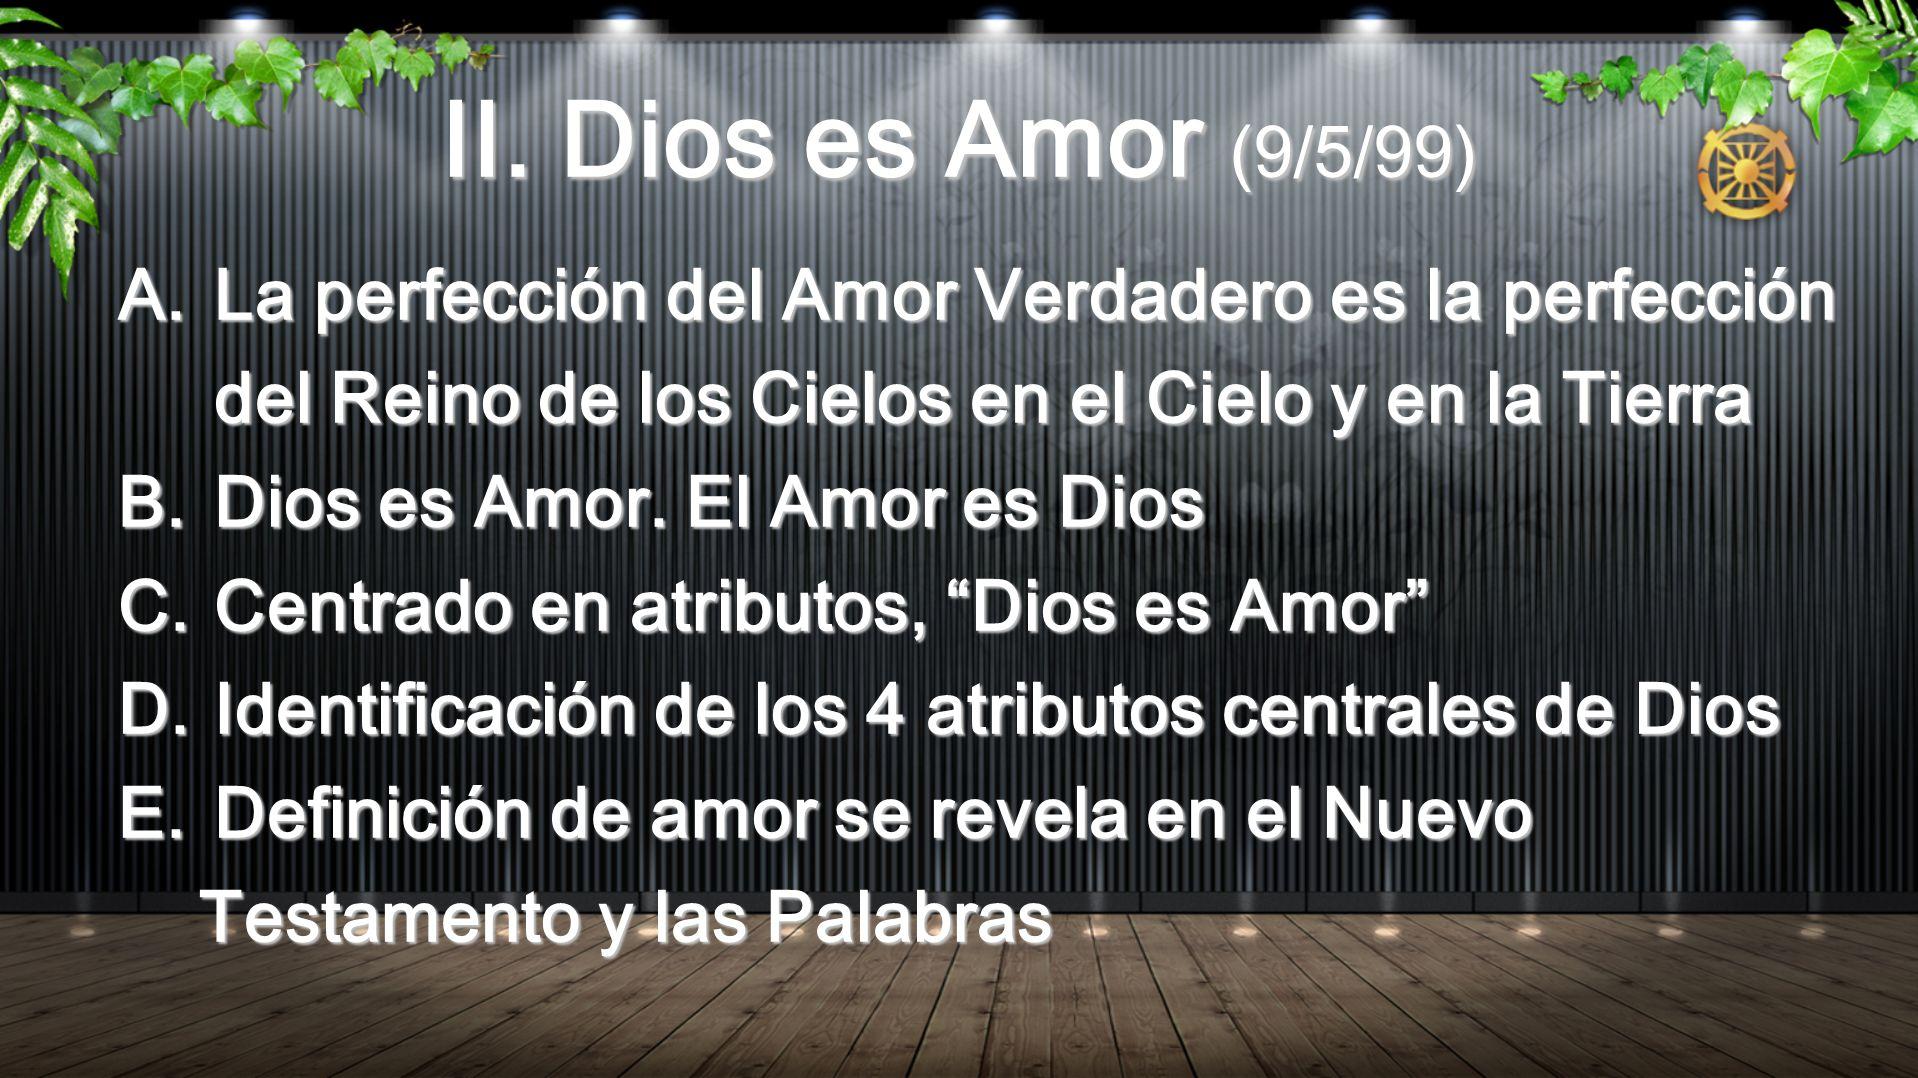 II. Dios es Amor (9/5/99) A.La perfección del Amor Verdadero es la perfección del Reino de los Cielos en el Cielo y en la Tierra B.Dios es Amor. El Am